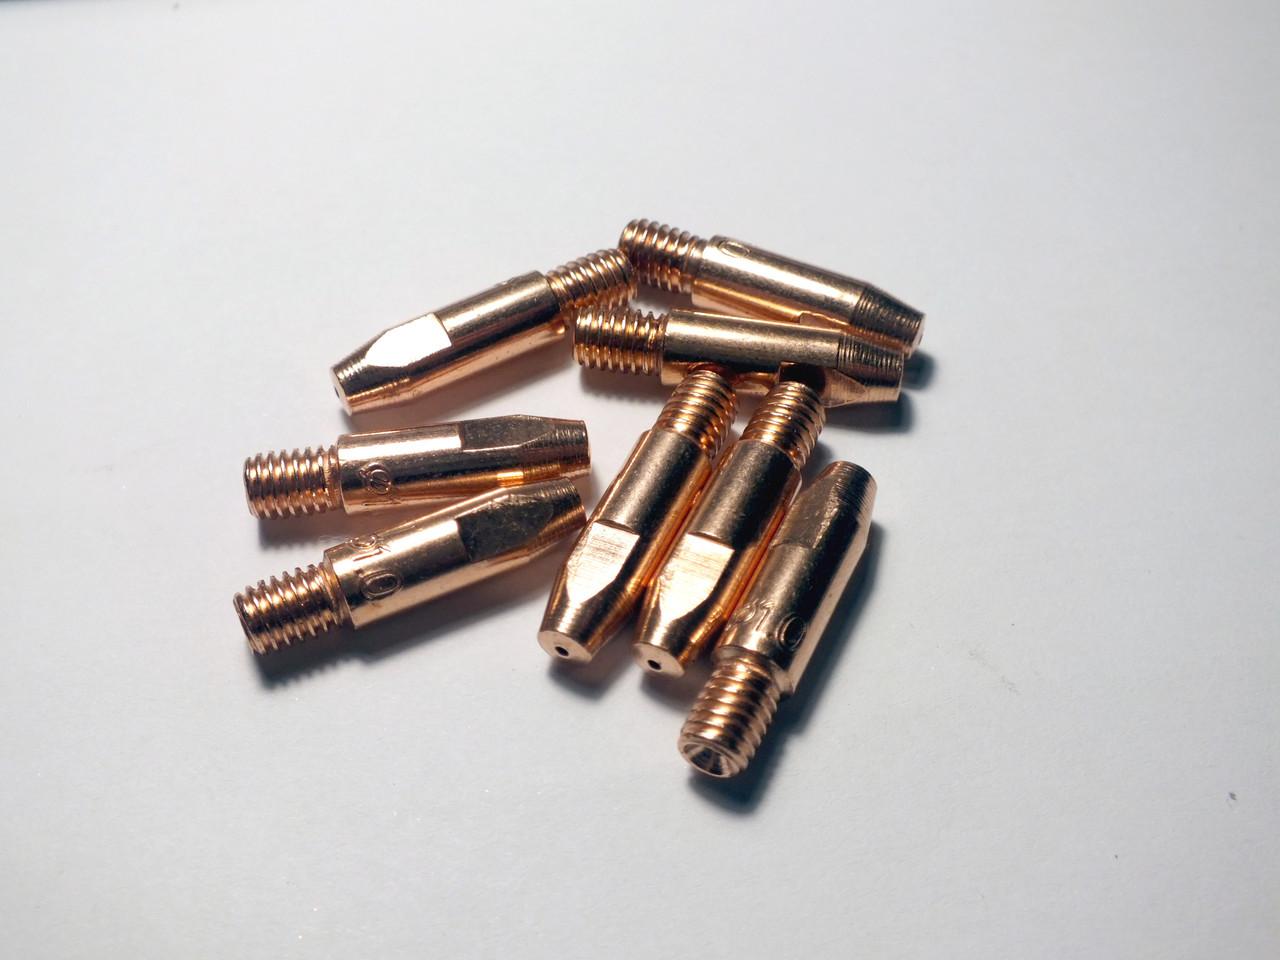 Токосъемный наконечник усиленный для сварочных полуавтоматов E-Cu ф1.0/М6/28